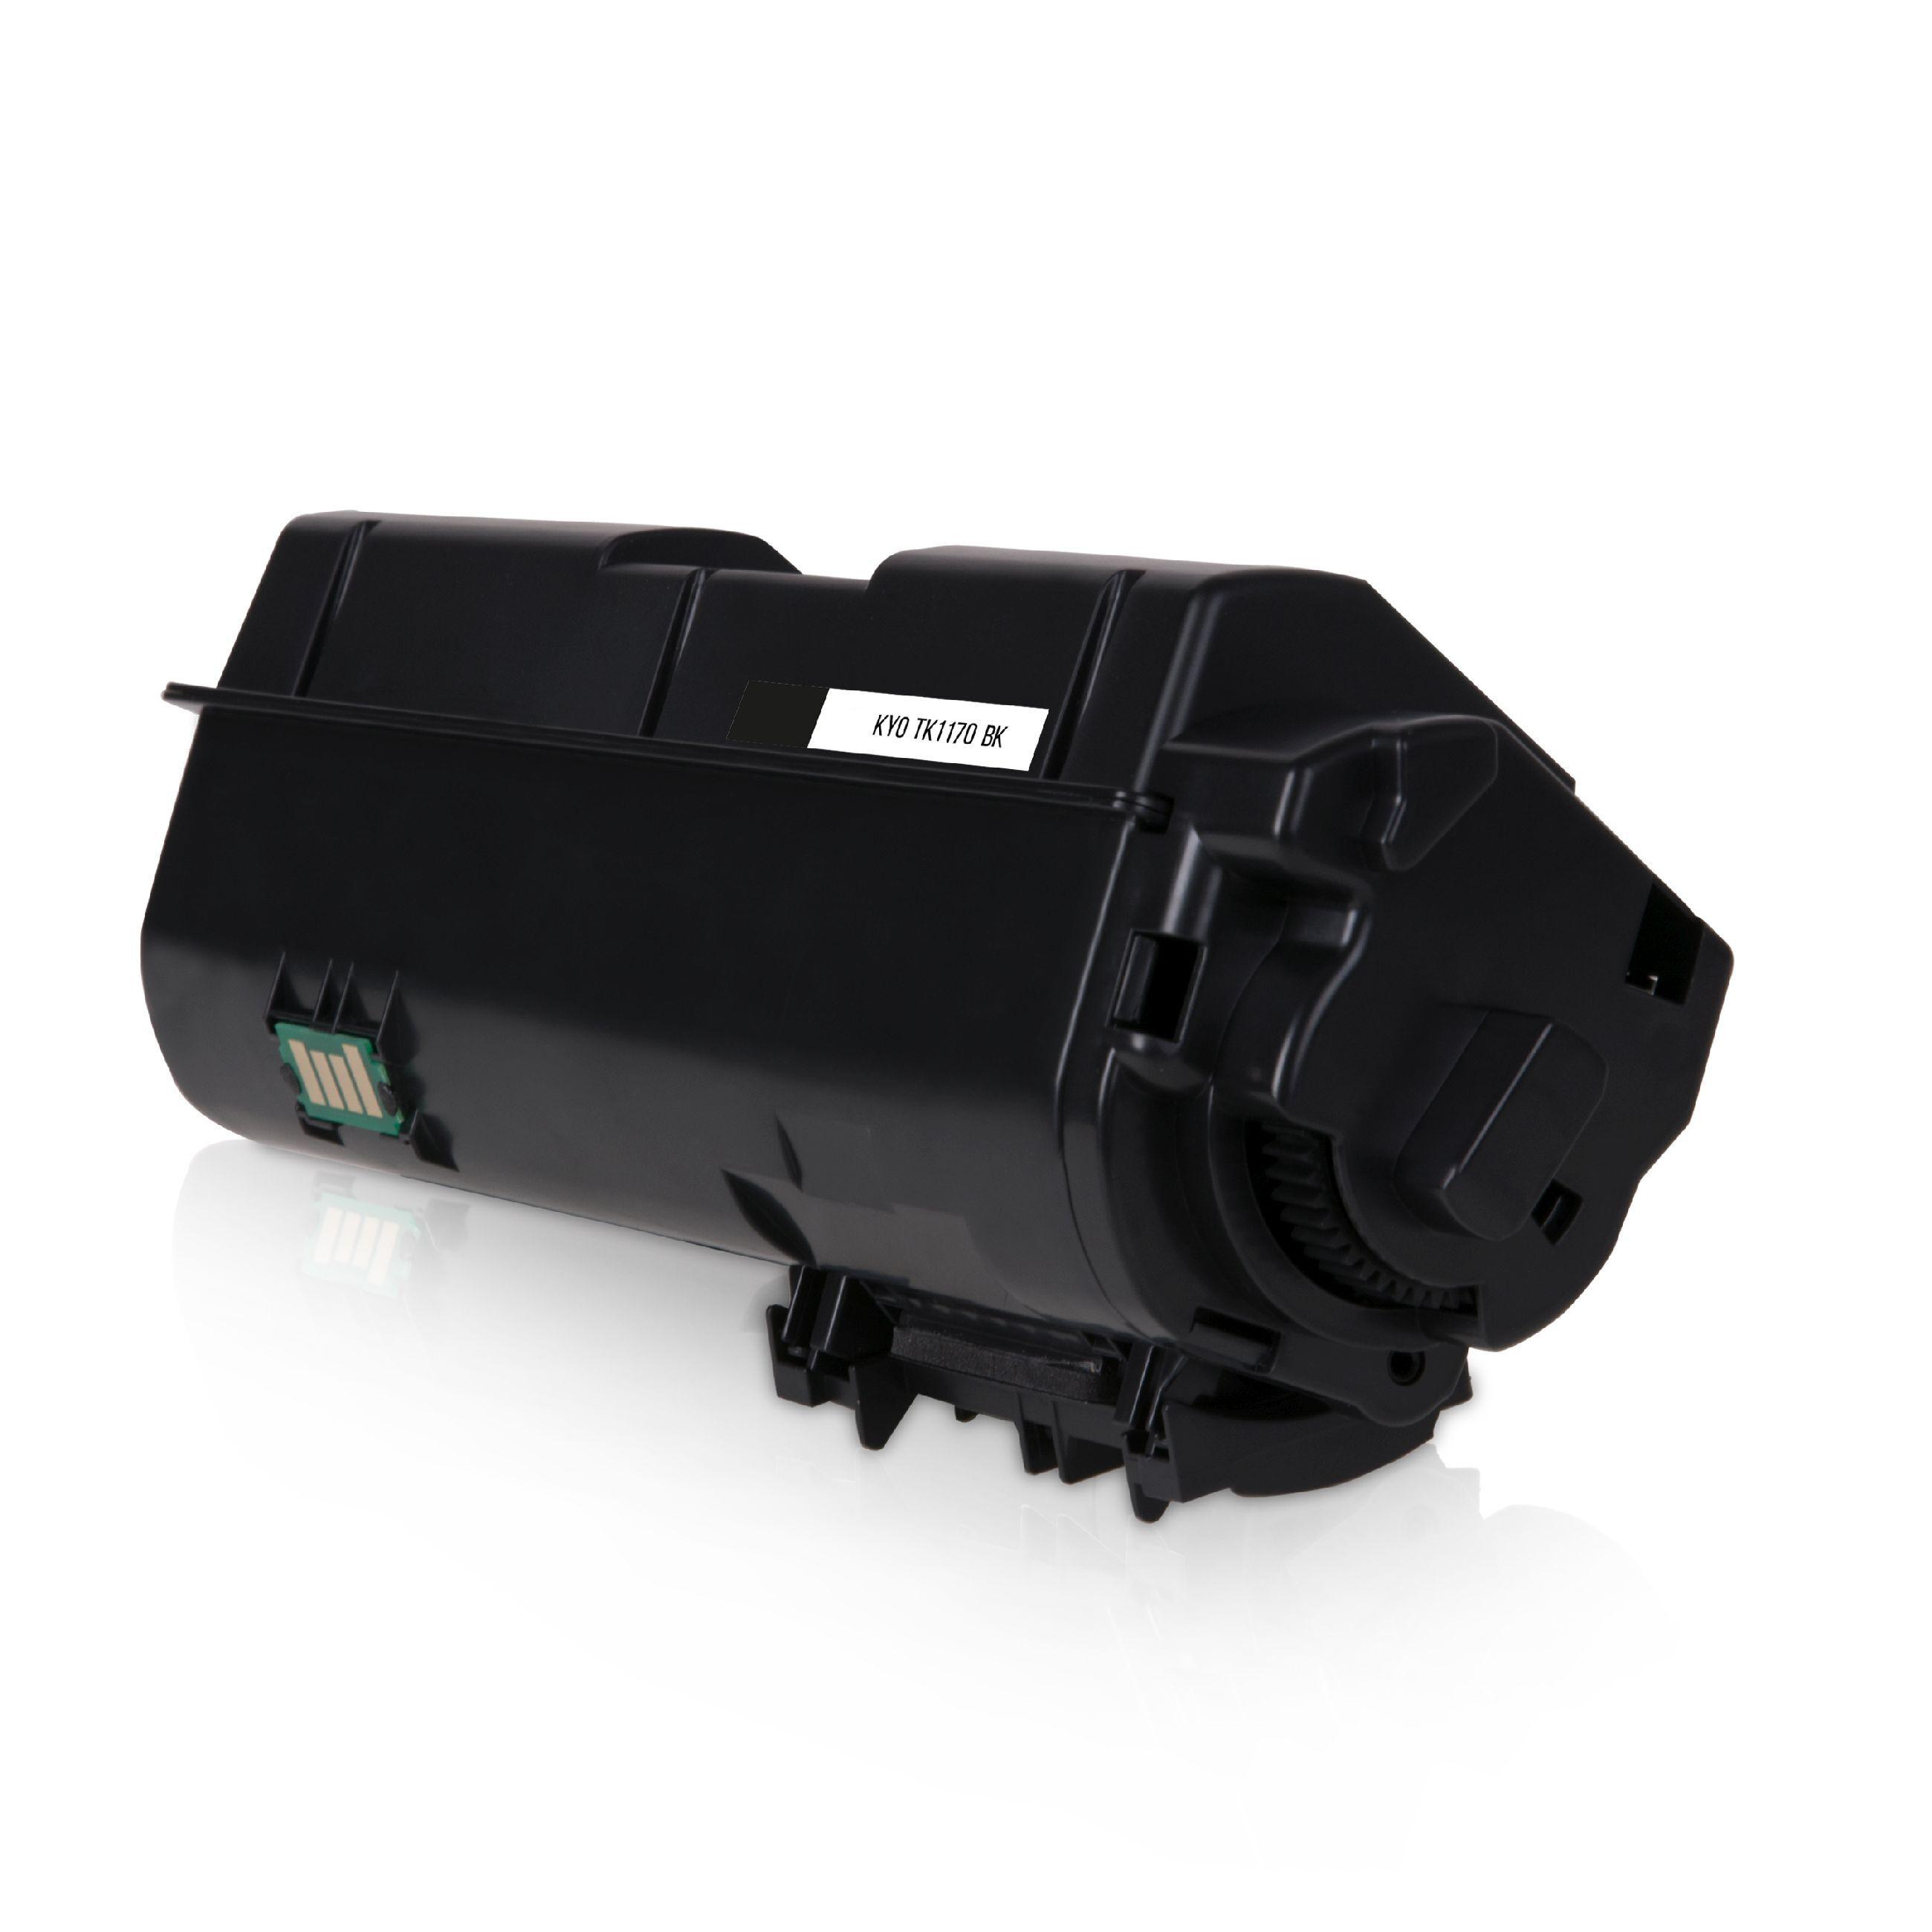 Kyocera Cartouche de Toner pour Kyocera 1T02S50NL0 / TK-1170 noir compatible (de marque ASC)